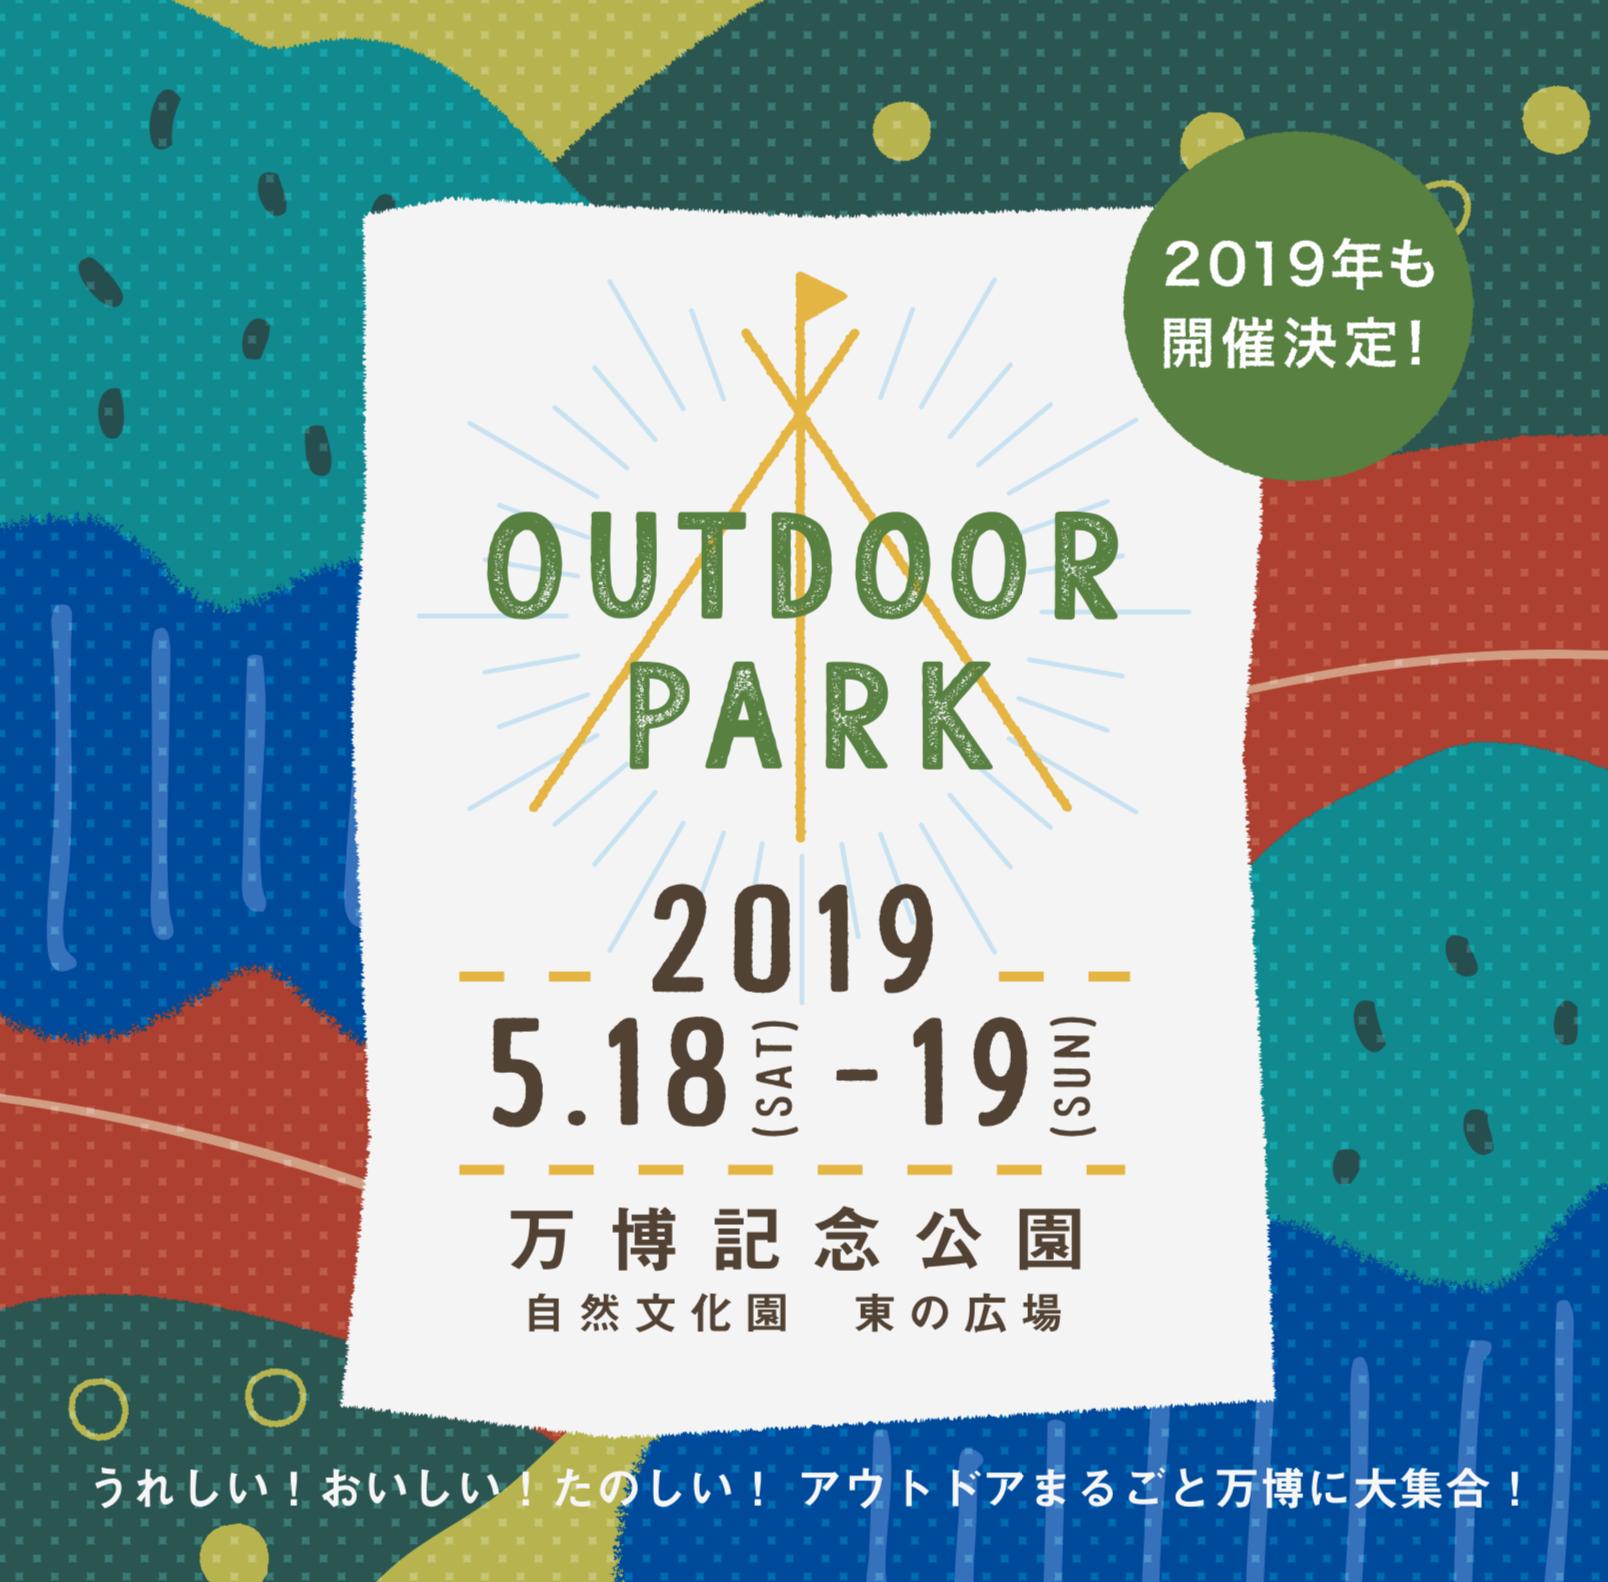 【5月19日出演】OUTDOOR PARK